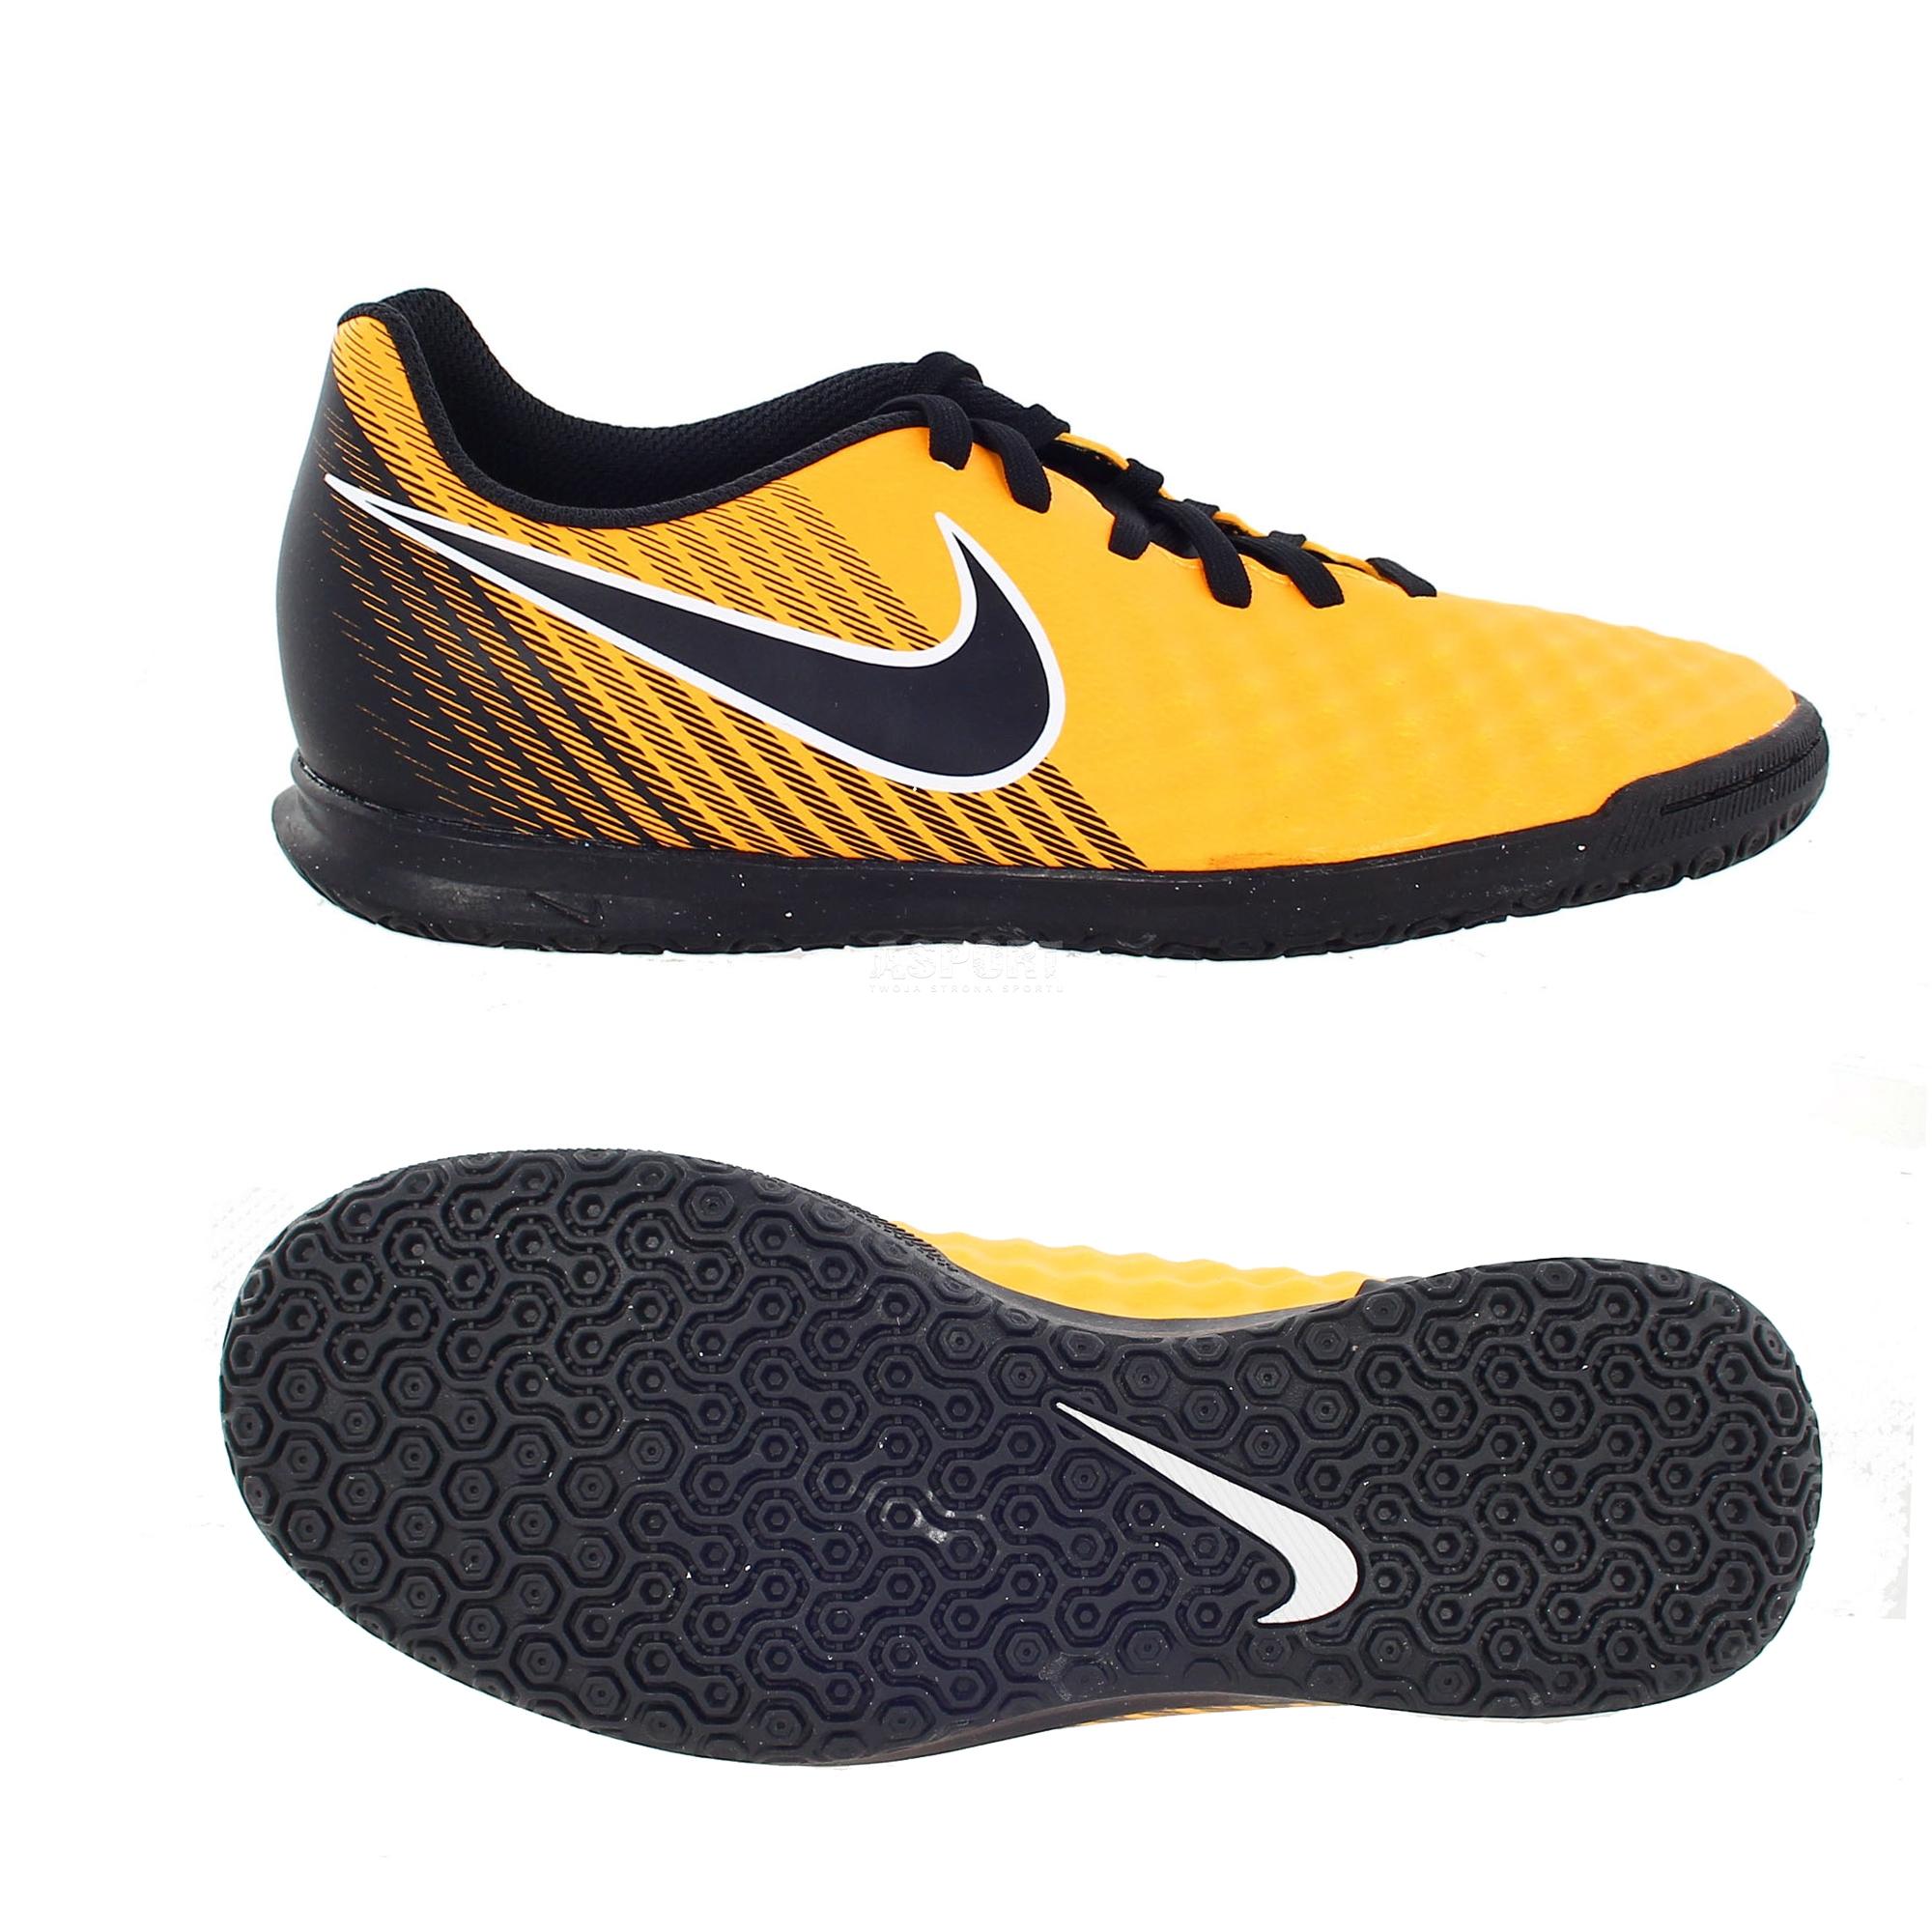 outlet store 54dcc 9b9ff Buty męskie treningowe na halę, halówki MAGISTAX OLA II IC Nike